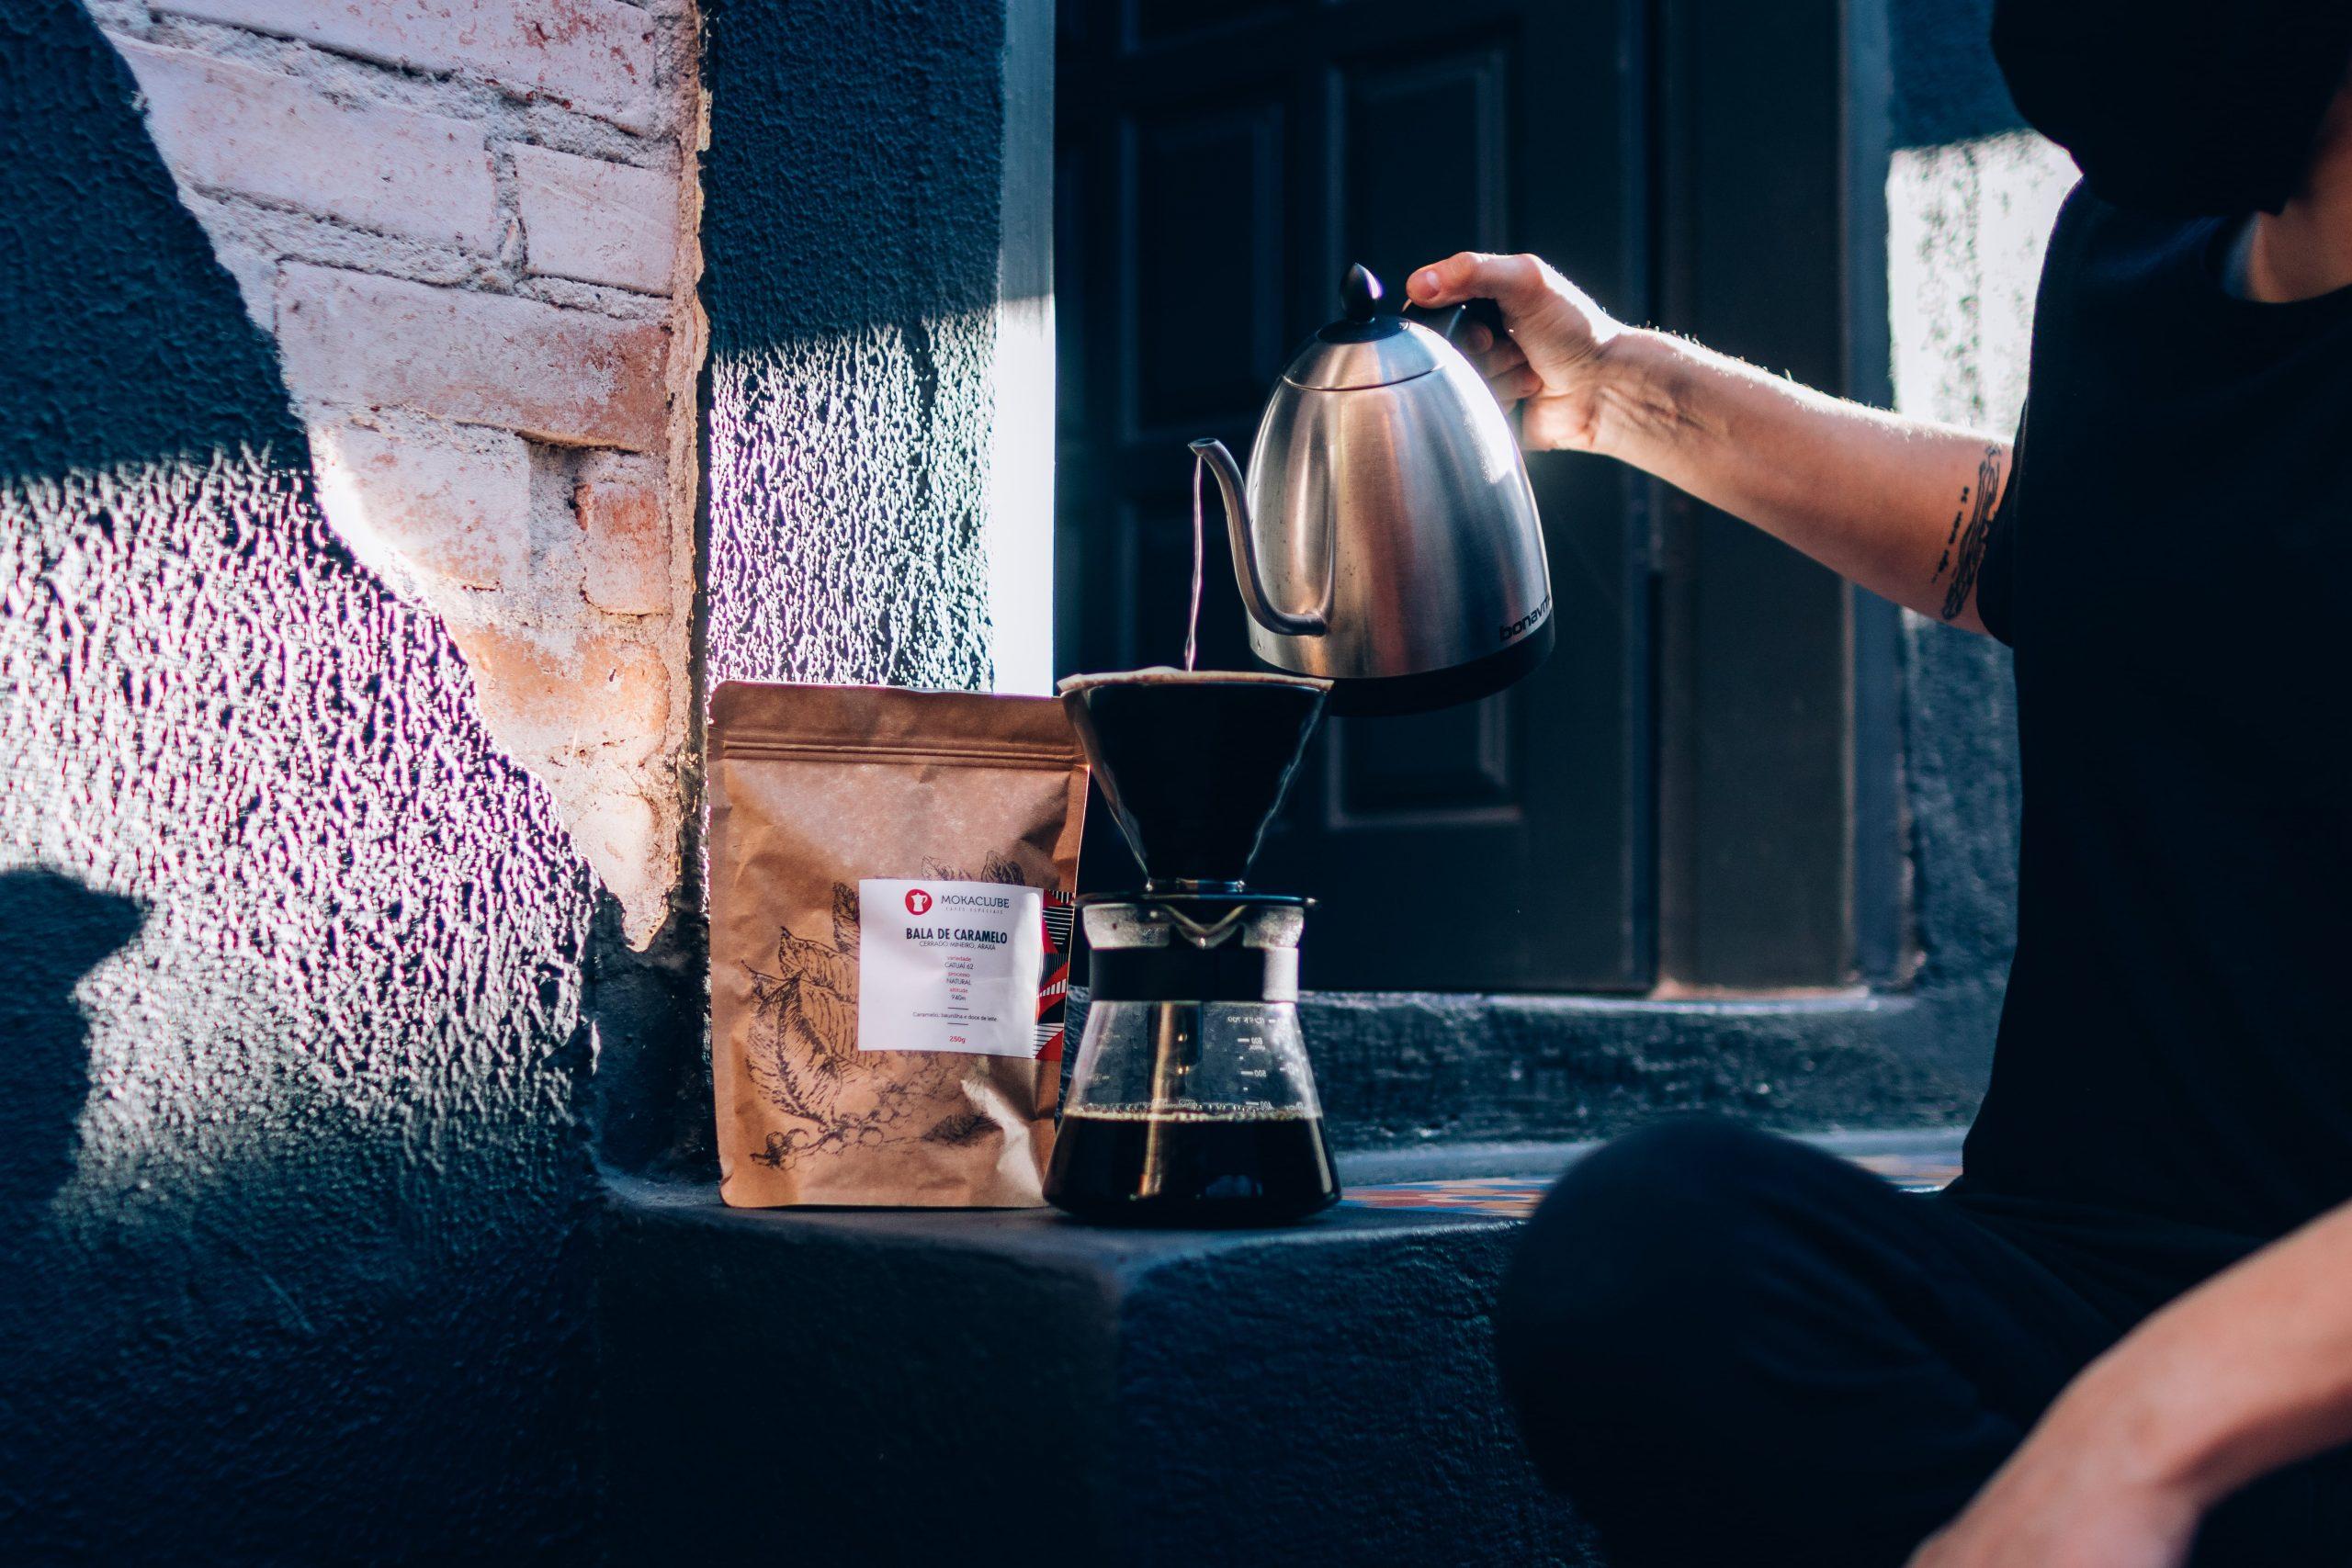 Pessoa com saco para armazenar café ao lado da chaleira, preparando a bebida.